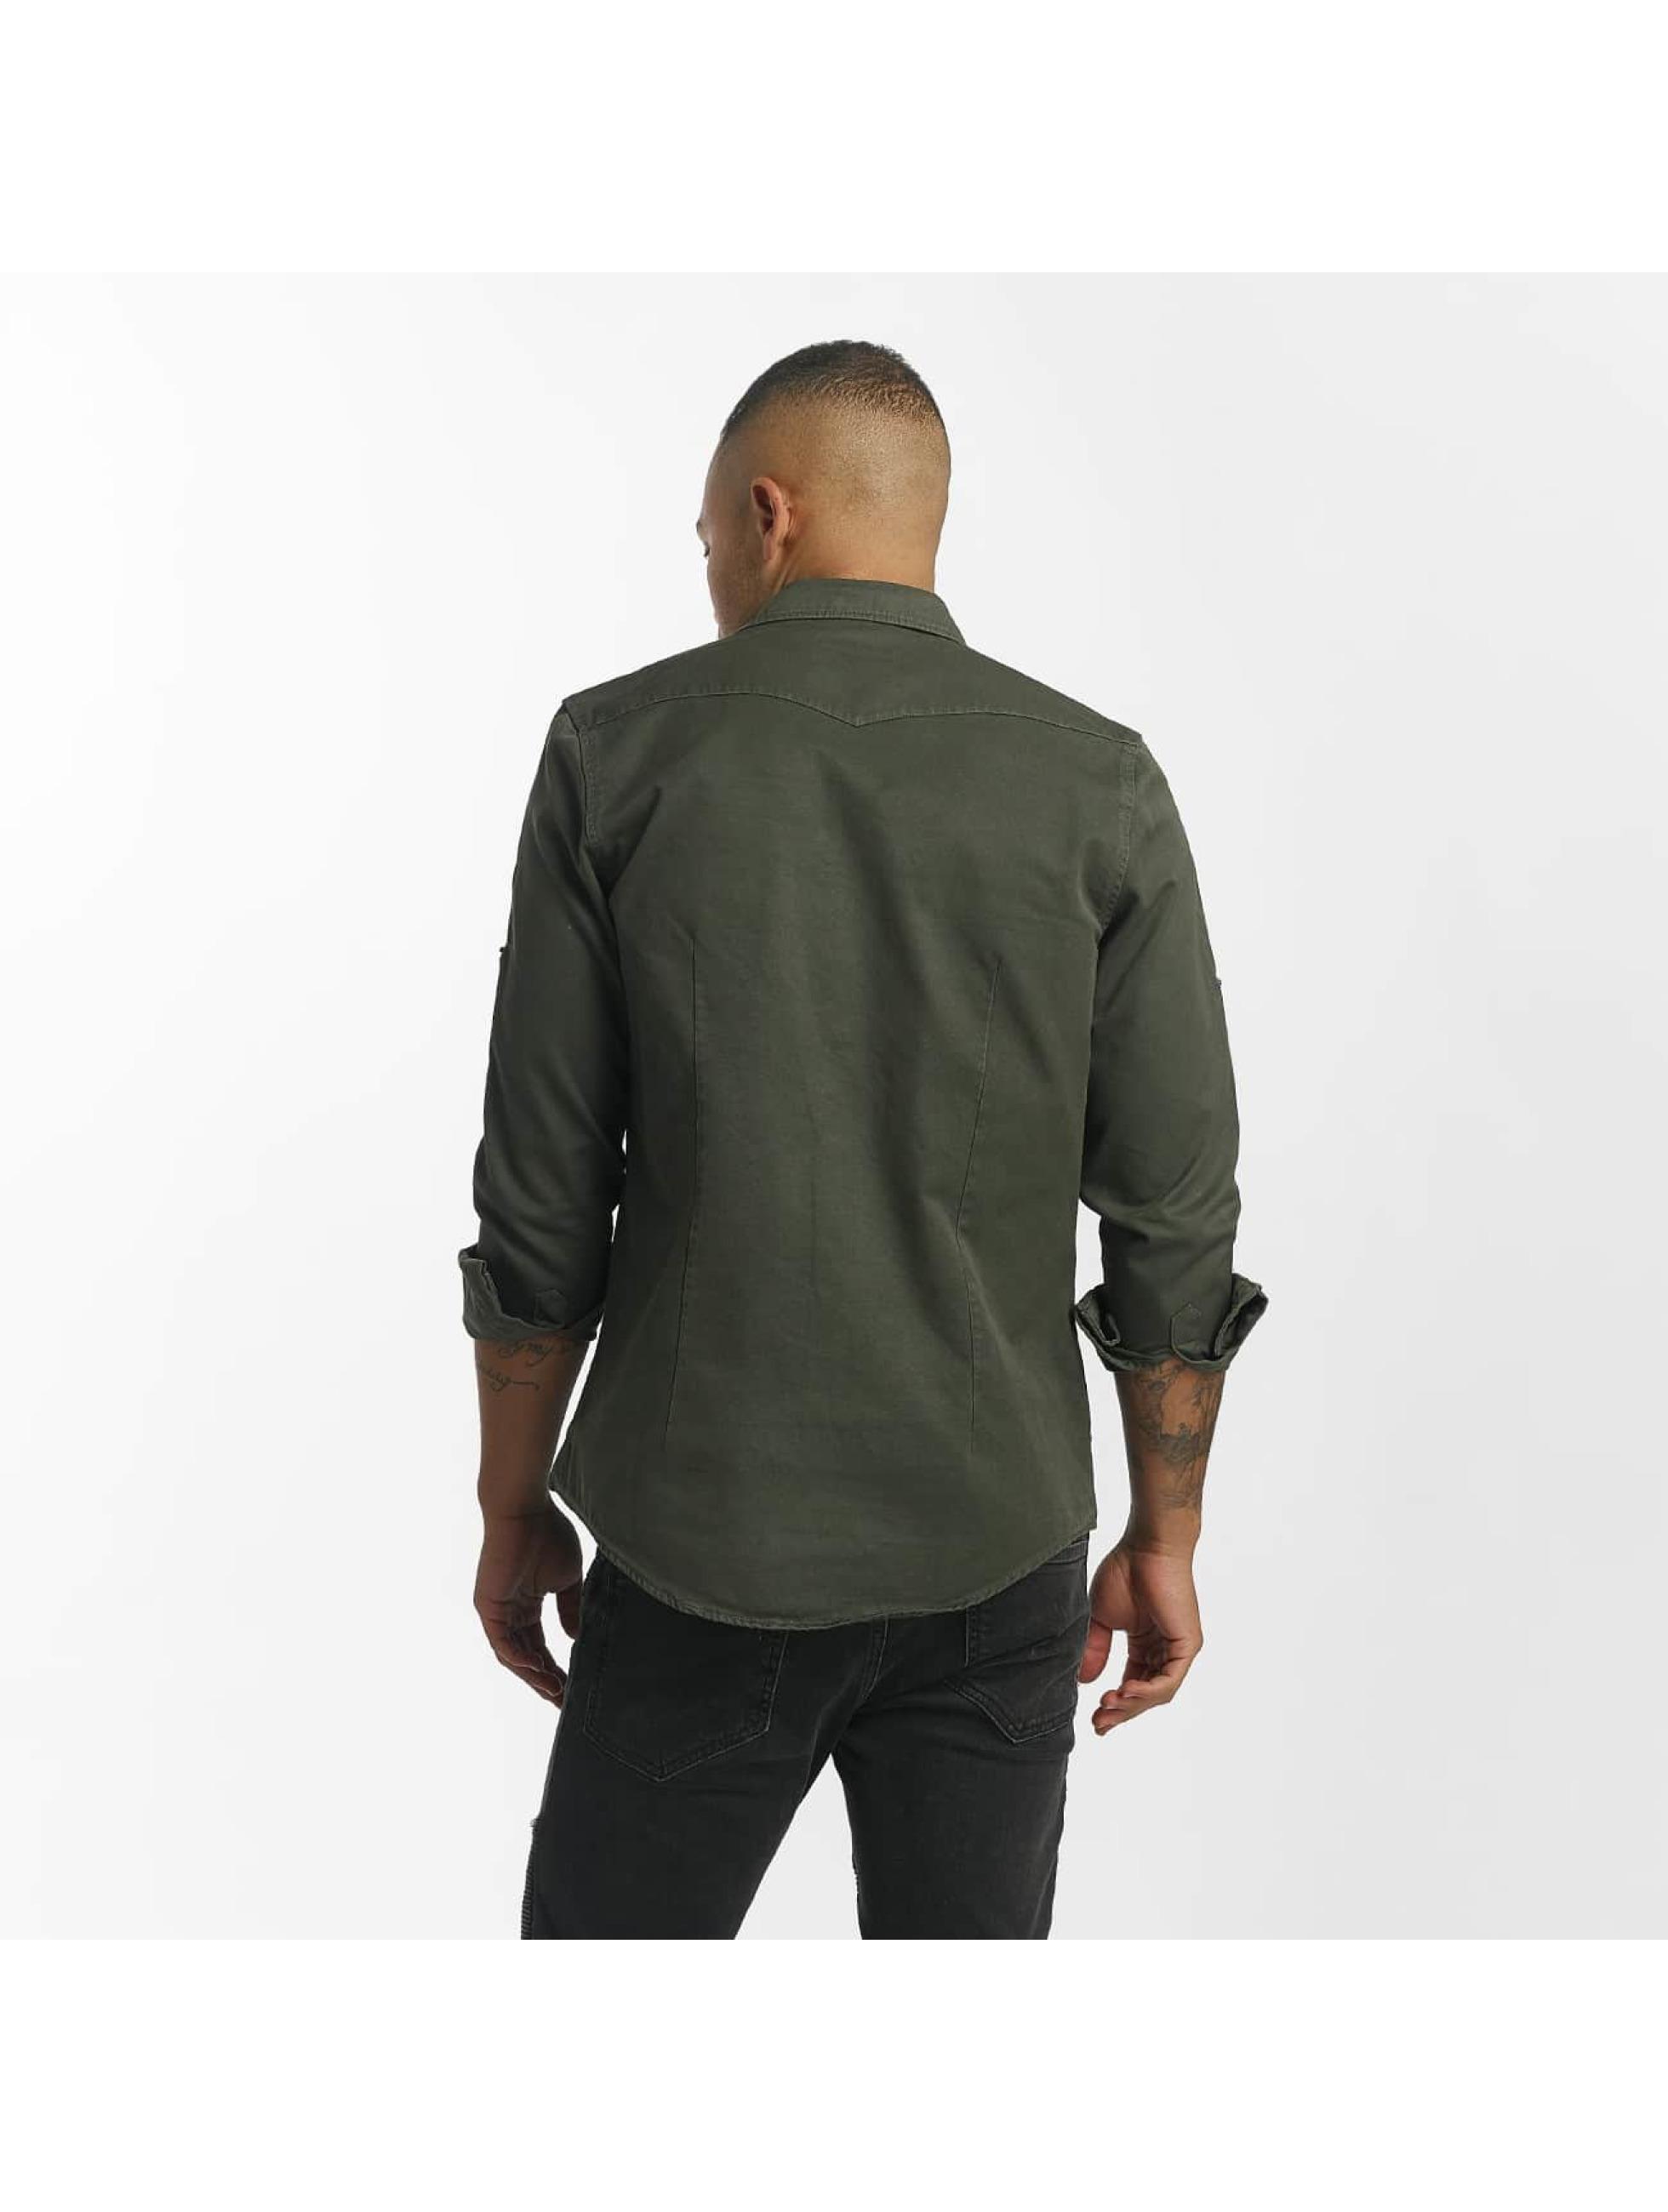 DEF overhemd Merthein olijfgroen